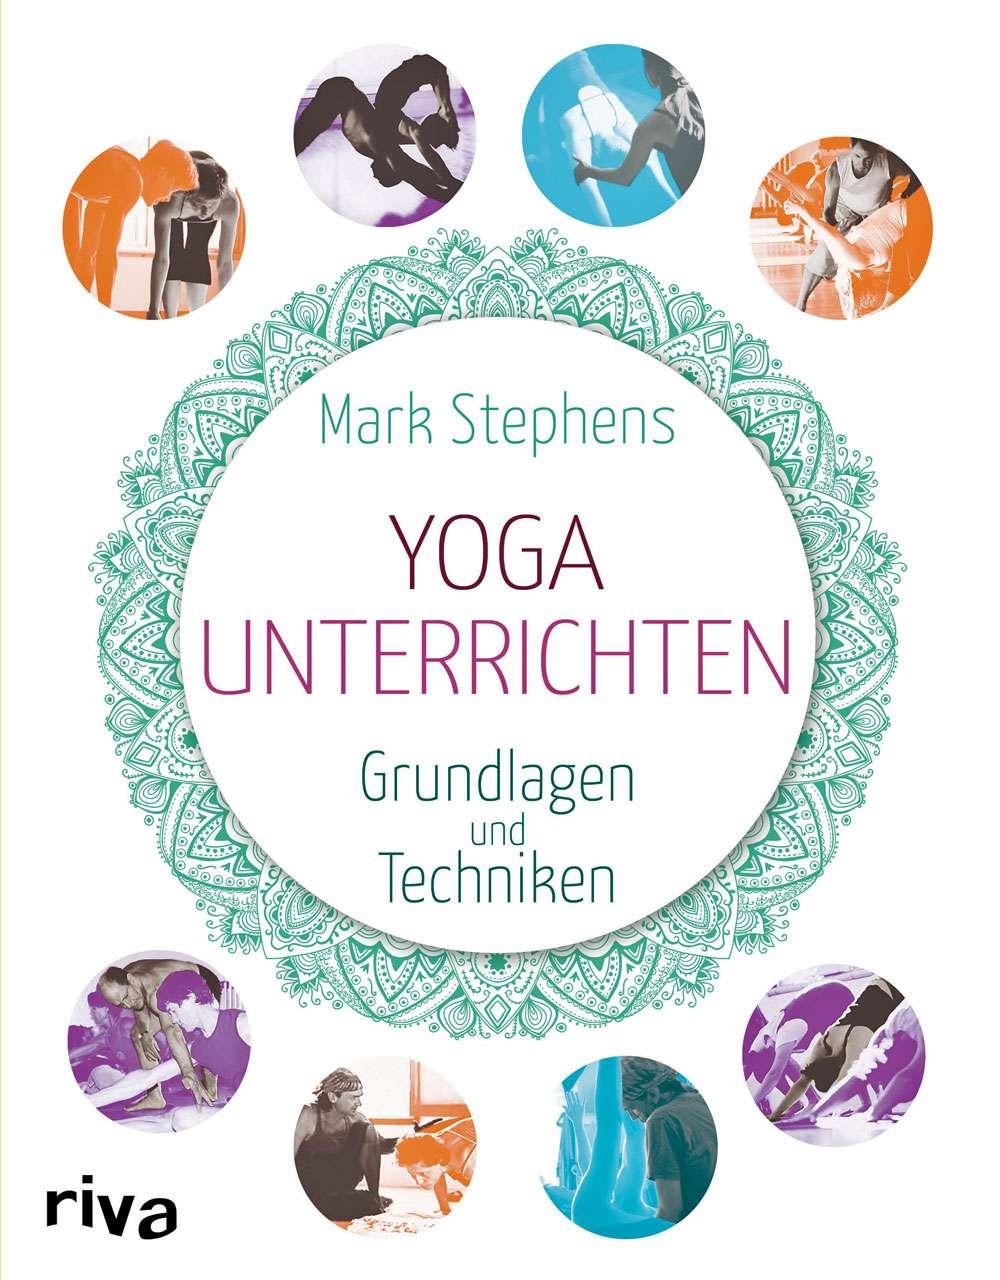 Yoga Unterrichten\